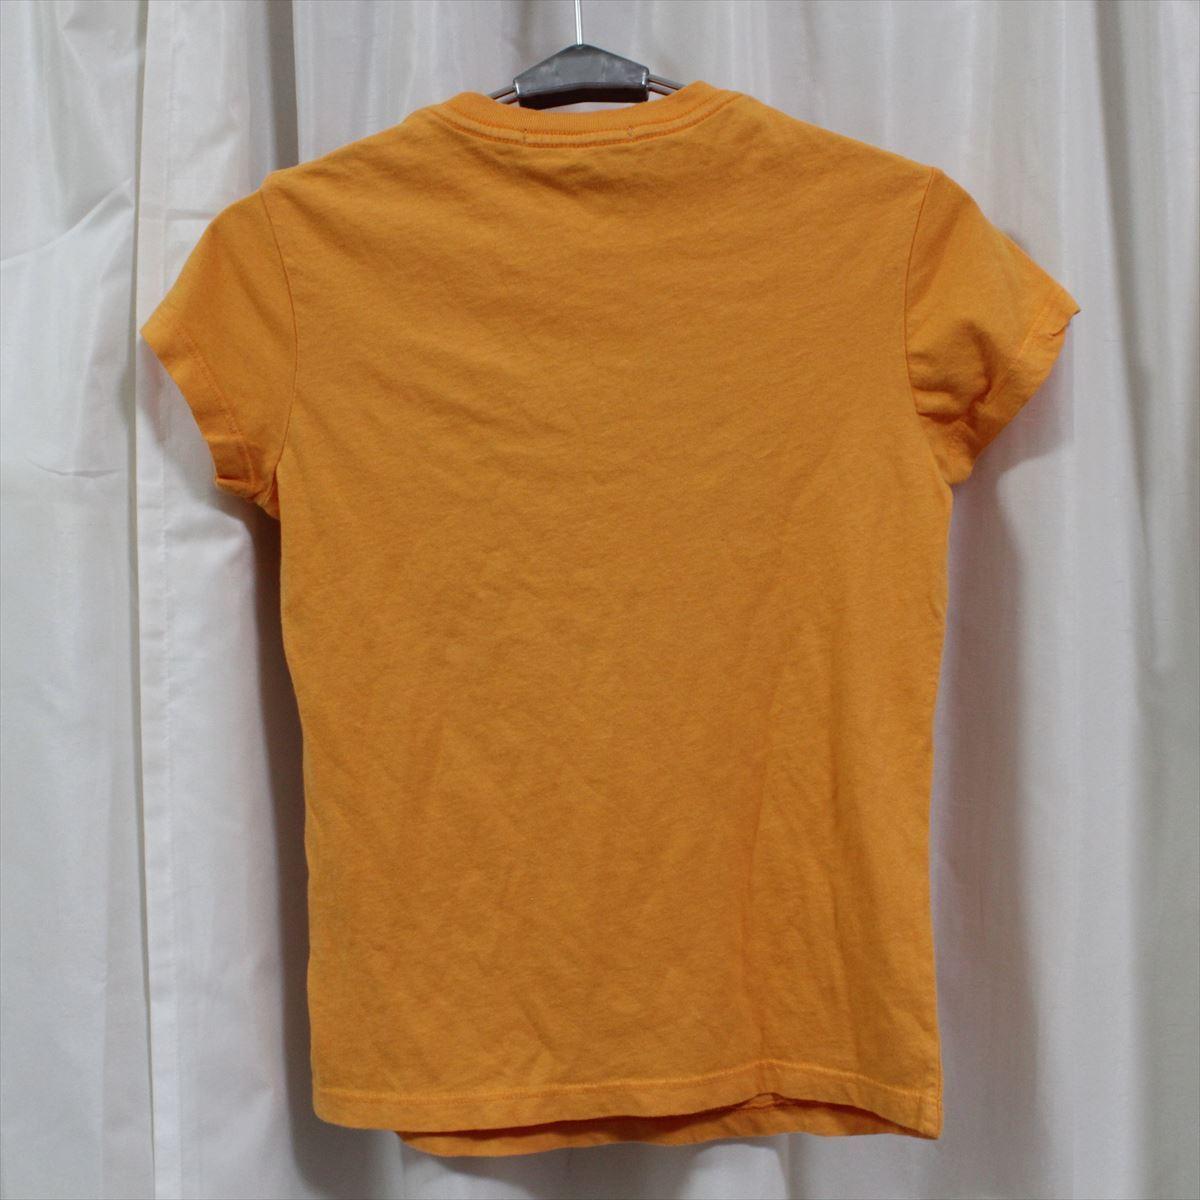 パメラアンダーソン Pamera Anderson レディース半袖Tシャツ オレンジ Sサイズ アウトレット 新品_画像3